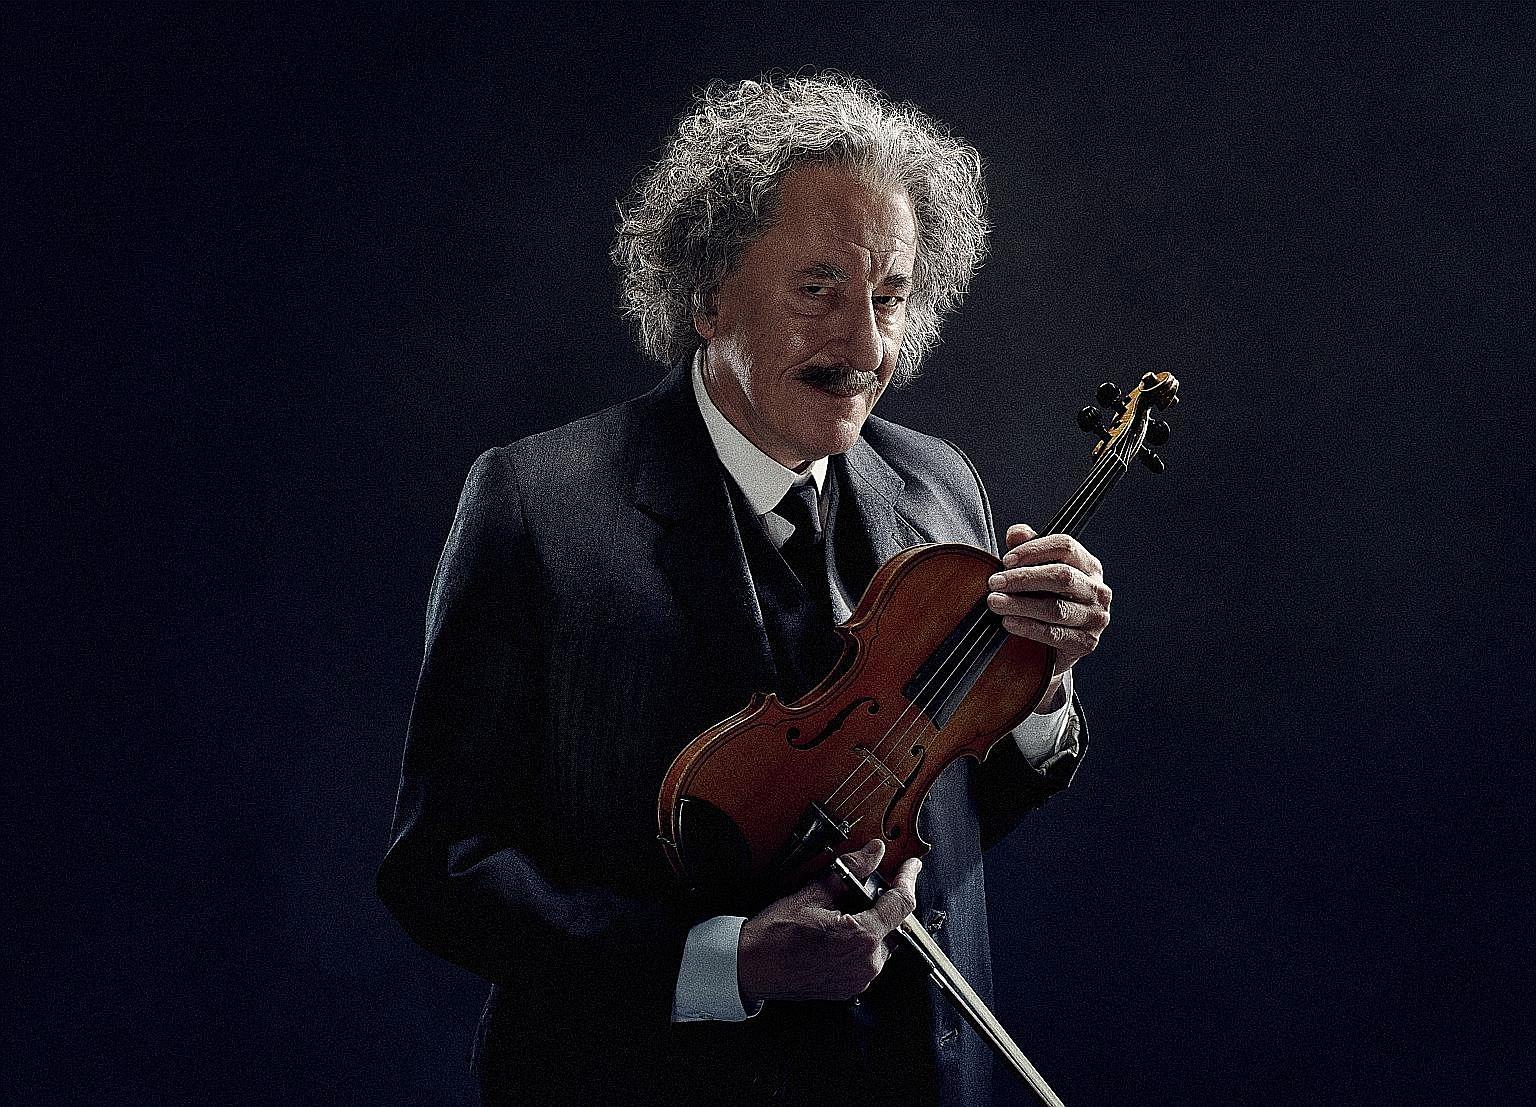 Geoffrey Rush as Albert Einstein in National Geographic Channel's drama, Genius.